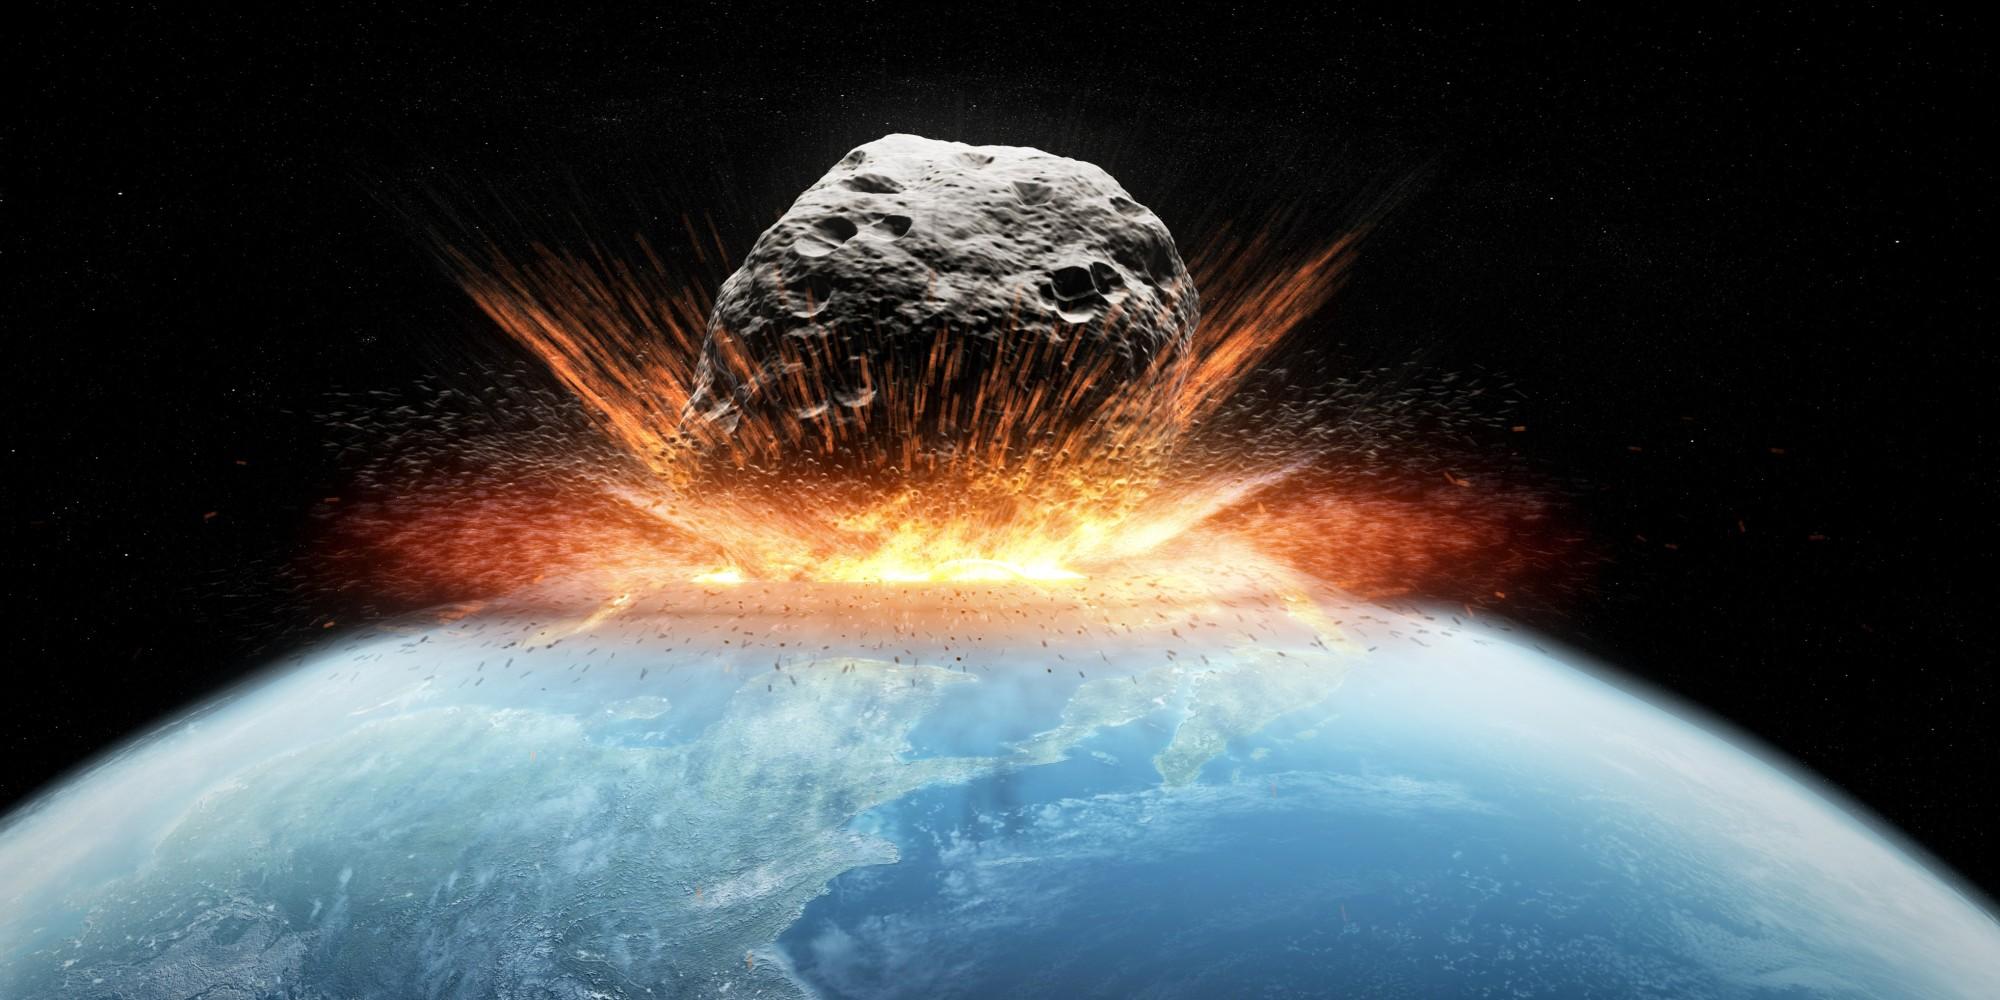 Конец света после падения гигантского астероида: известный астролог назвал дату и дал важные советы